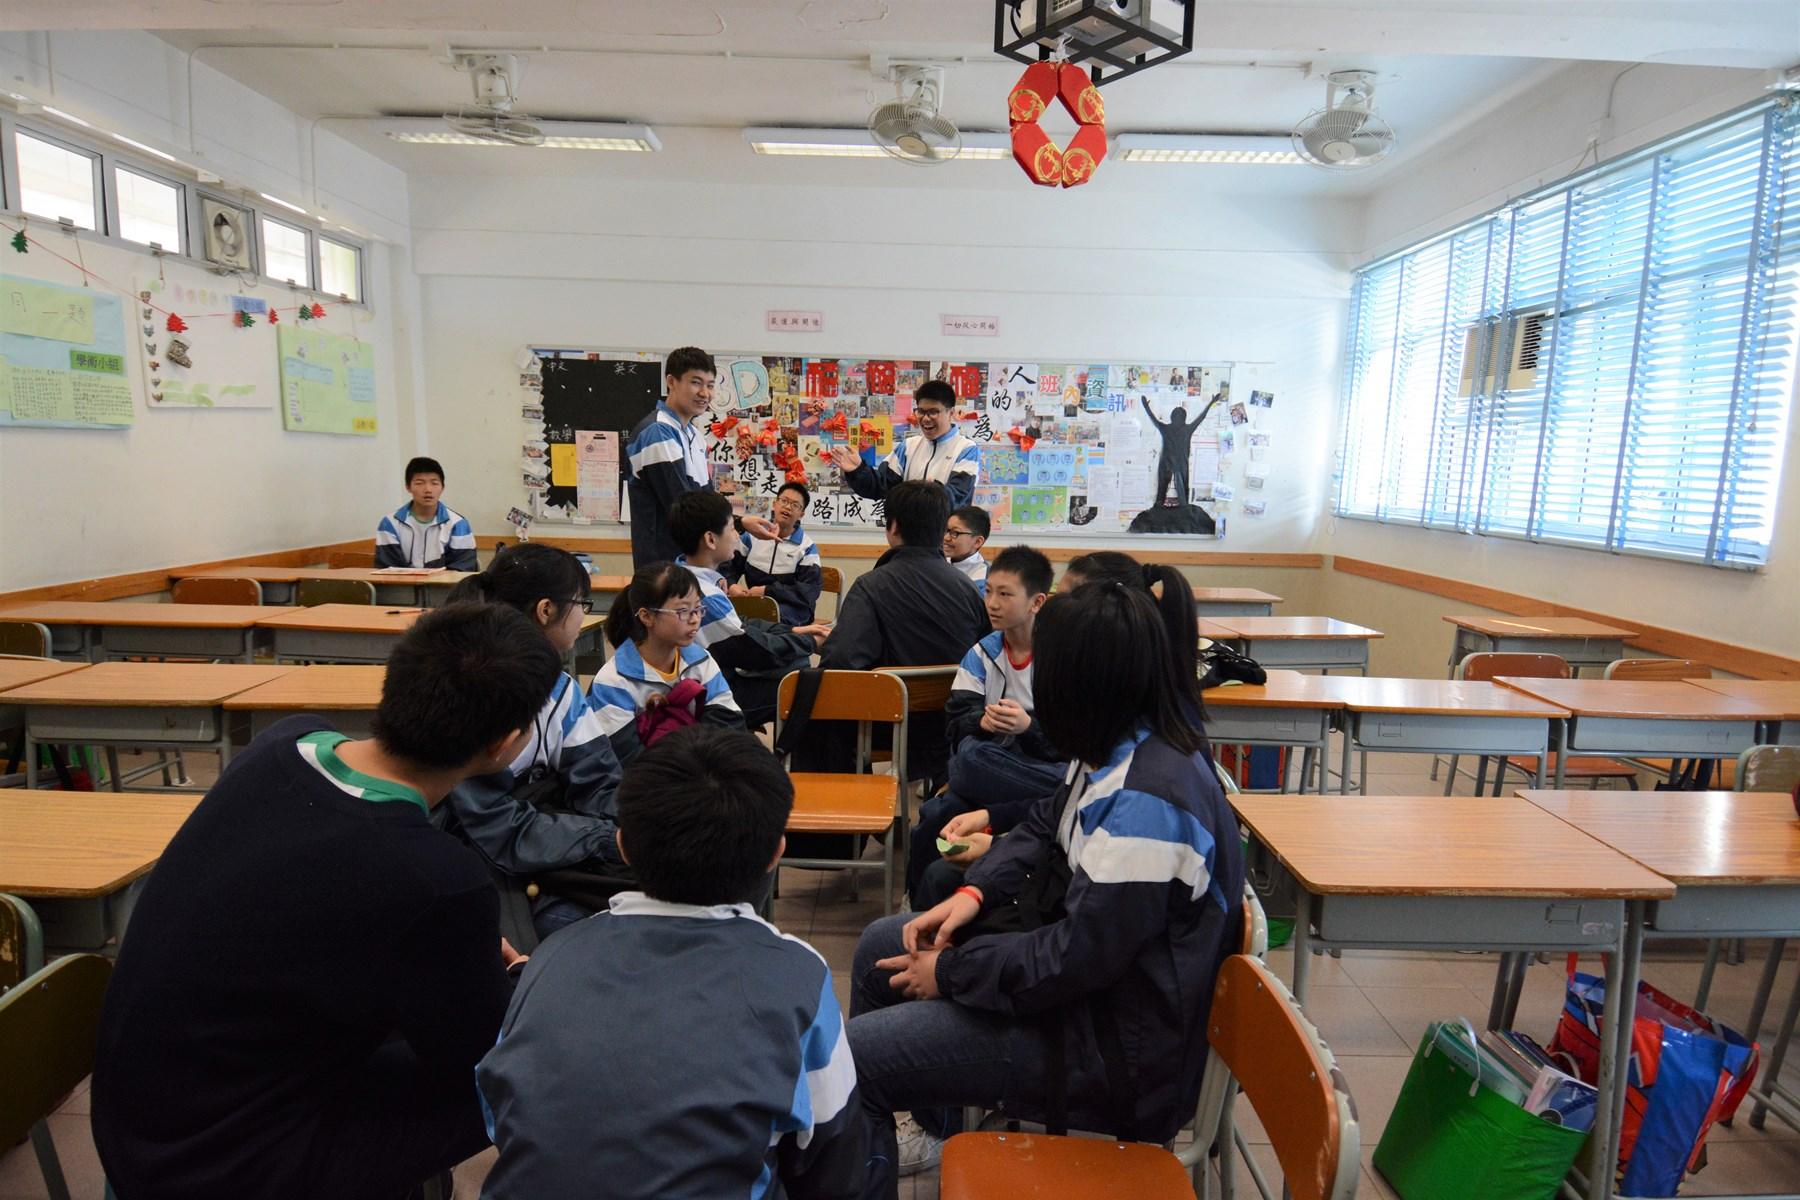 https://www.npc.edu.hk/sites/default/files/dsc_1260_2.jpg